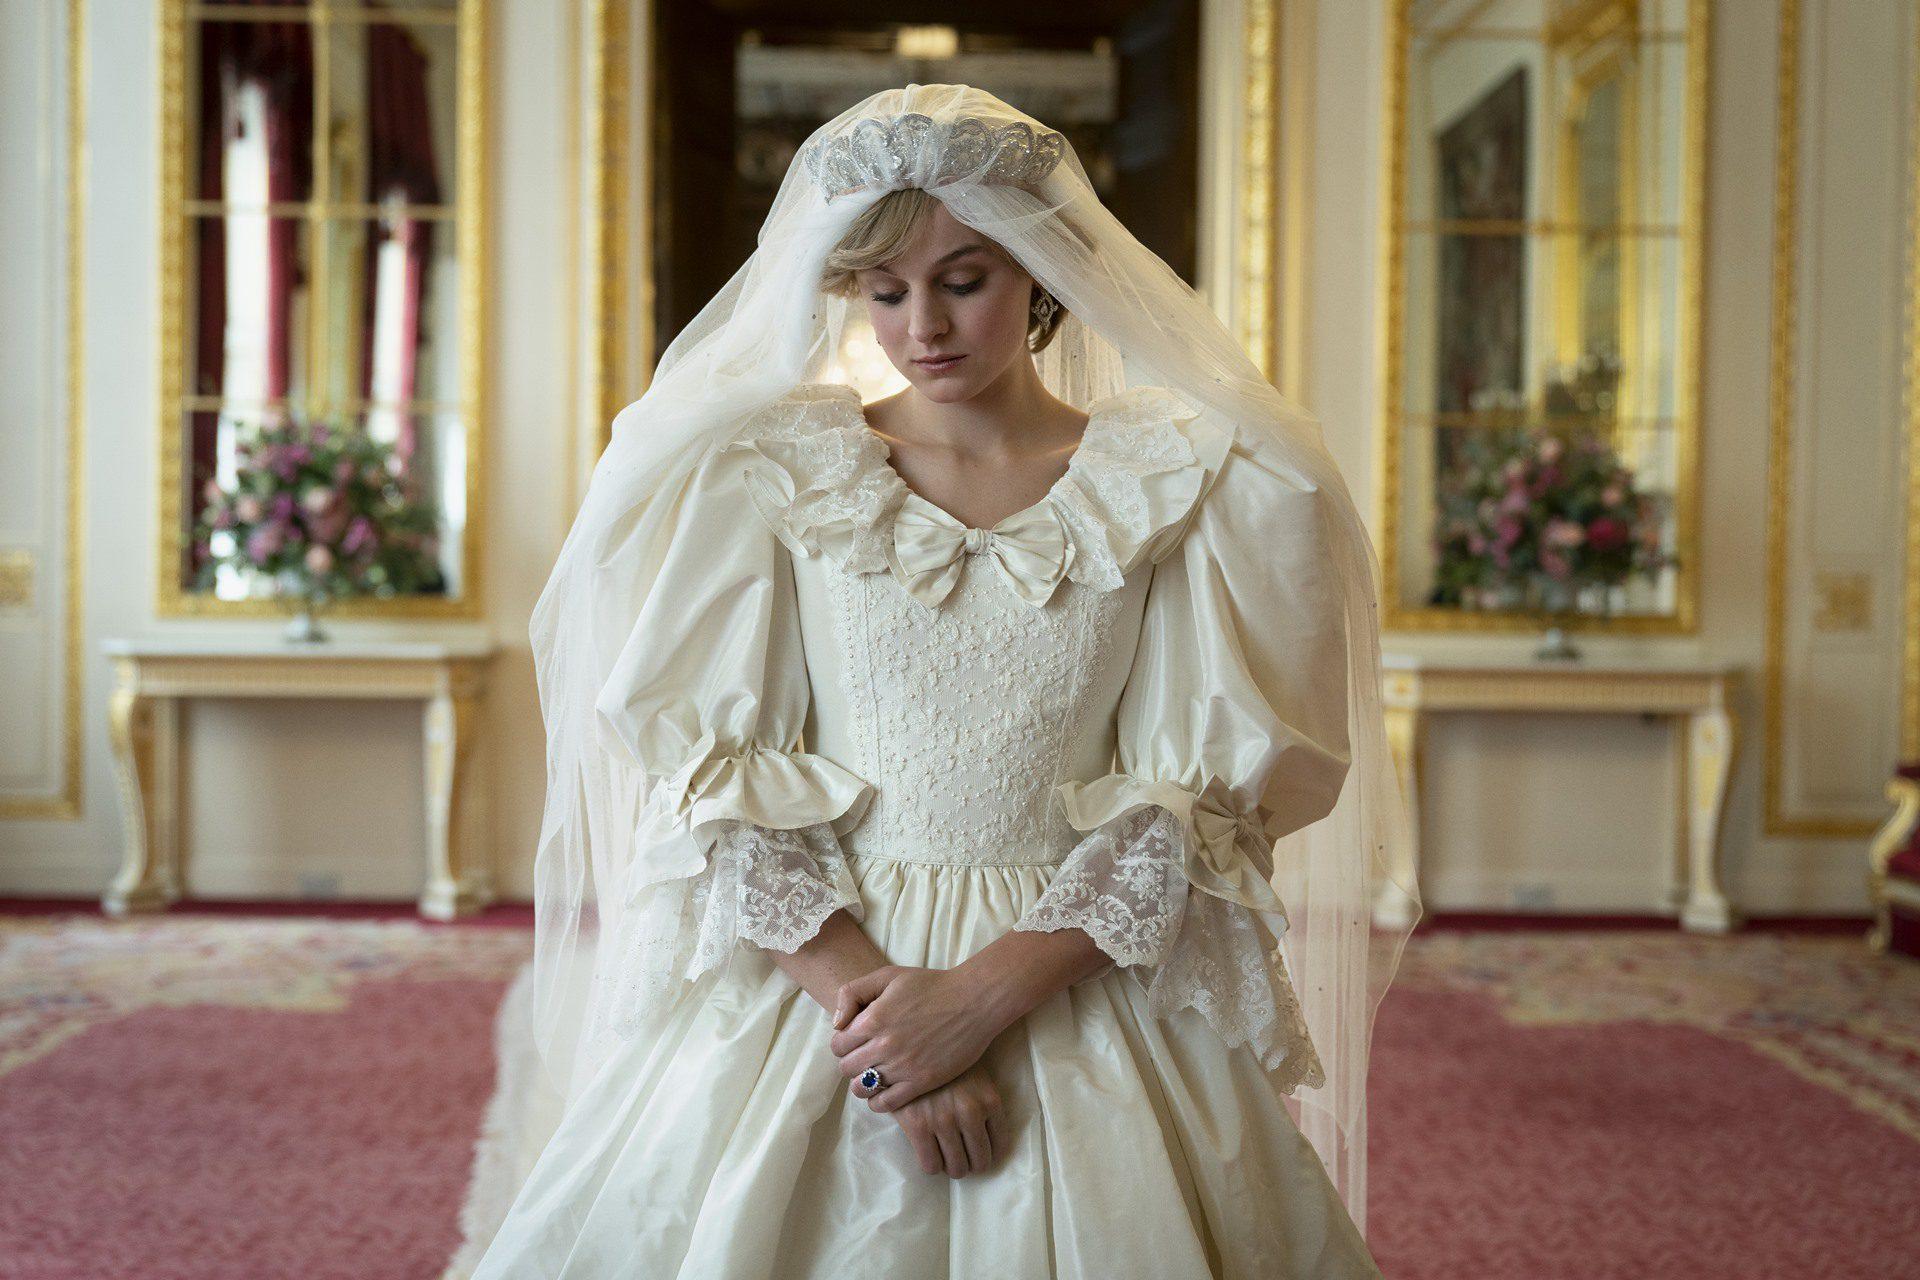 Lady Diana Spencer vestida de novia en la cuarta temporada de The Crown.